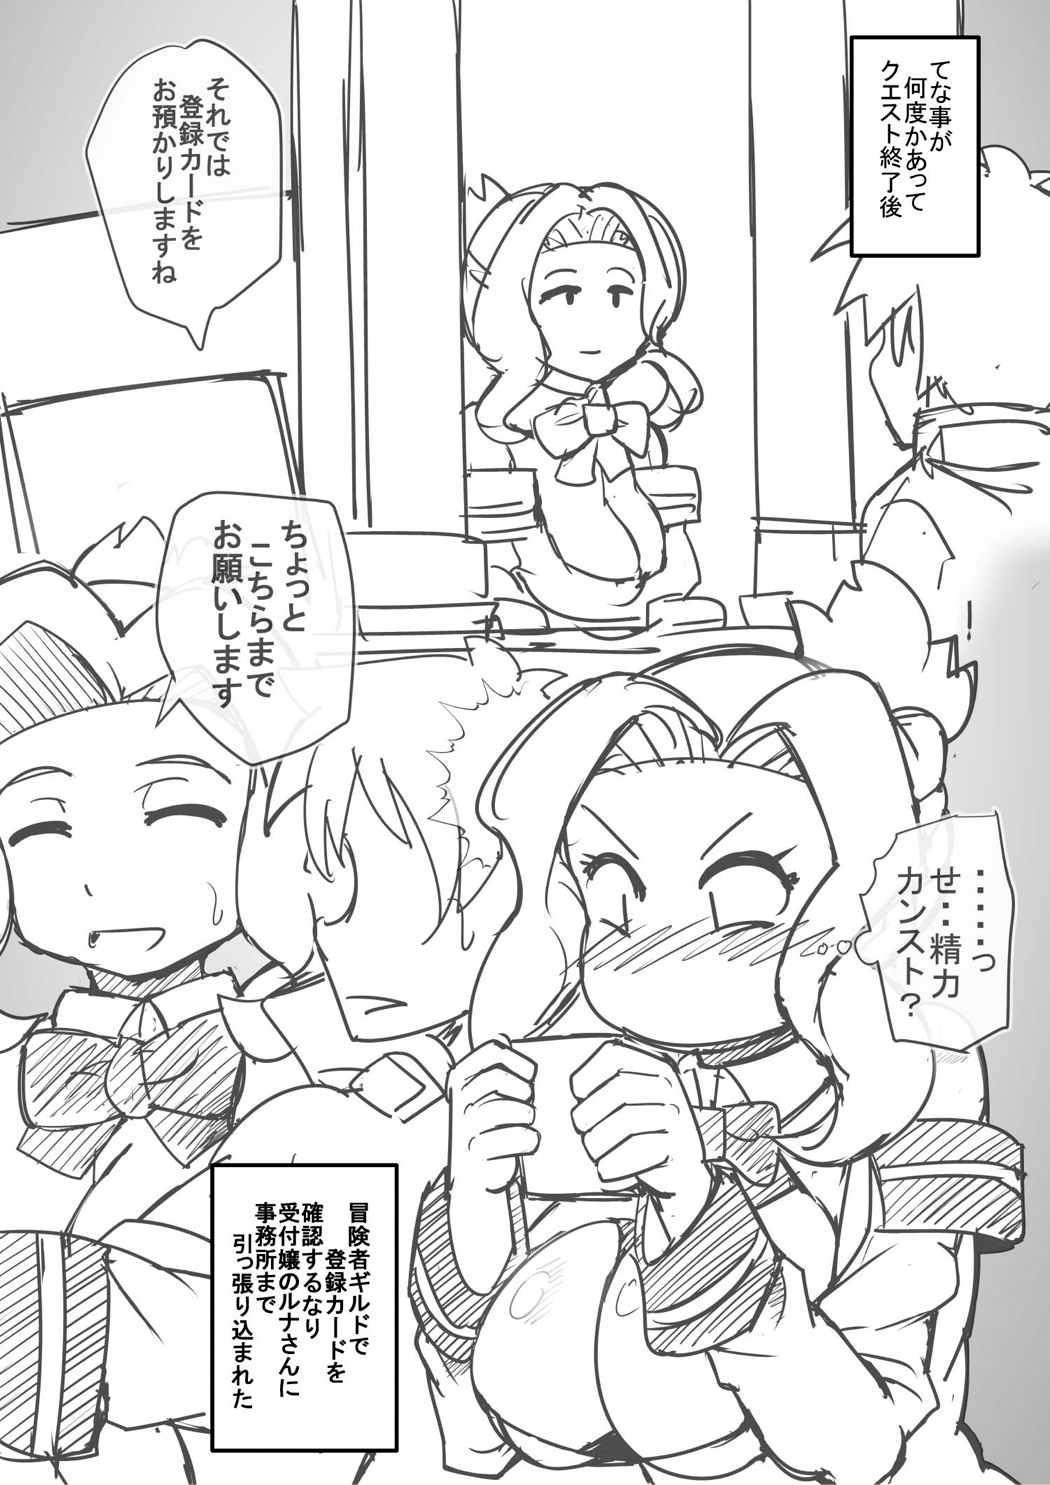 Kono Nikutasarashii Masudomoni Oshioki o! 26